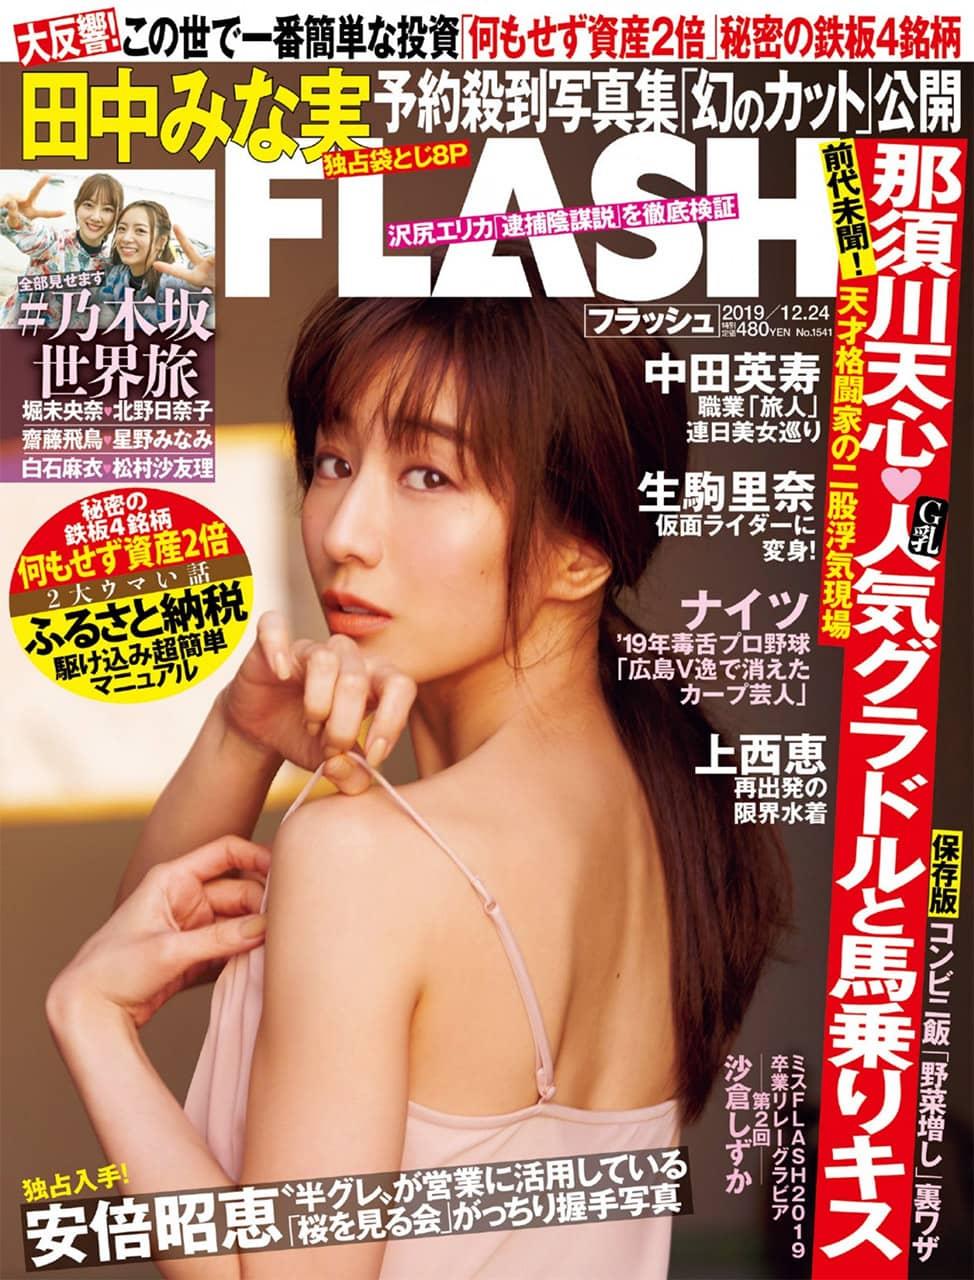 『#乃木坂世界旅 全部見せます』掲載!「FLASH No.1541」12/10発売!